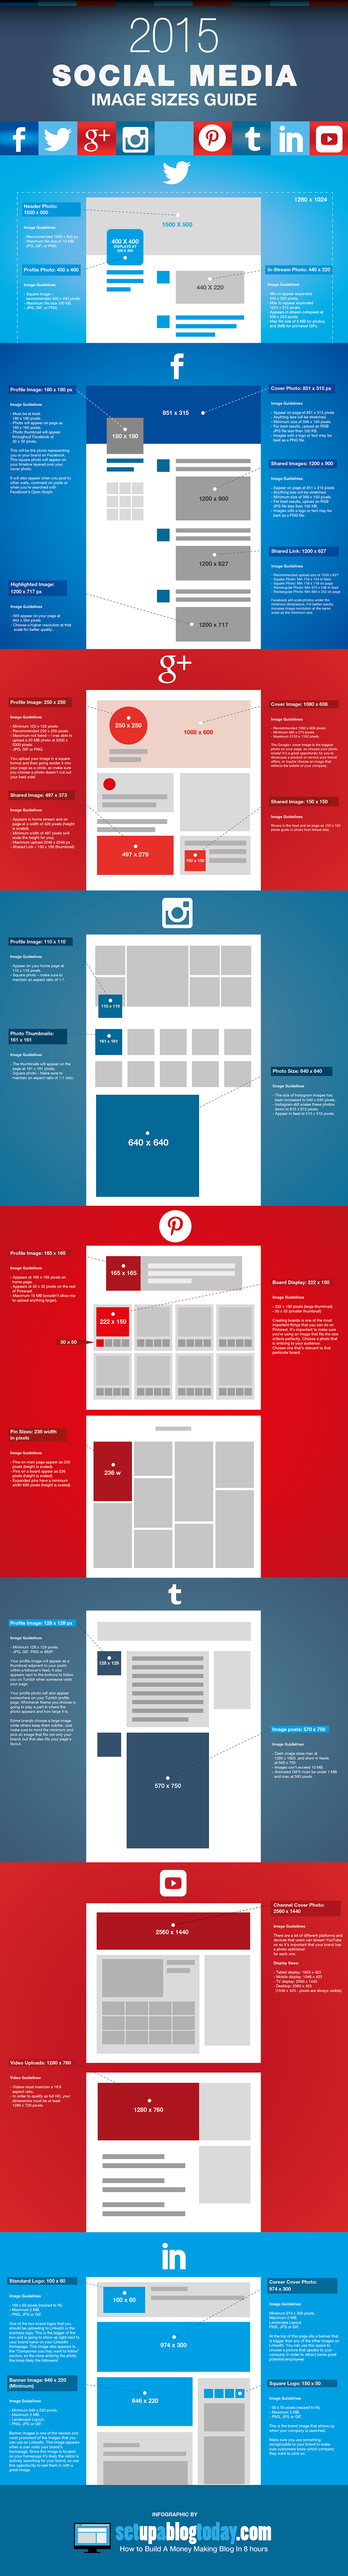 Bildgrößen der einzelnen Dienste (Facebook, Twitter, Google+, Instagram, Pinterest, Tumbler, LinkedIn und Youtube) im Social Web